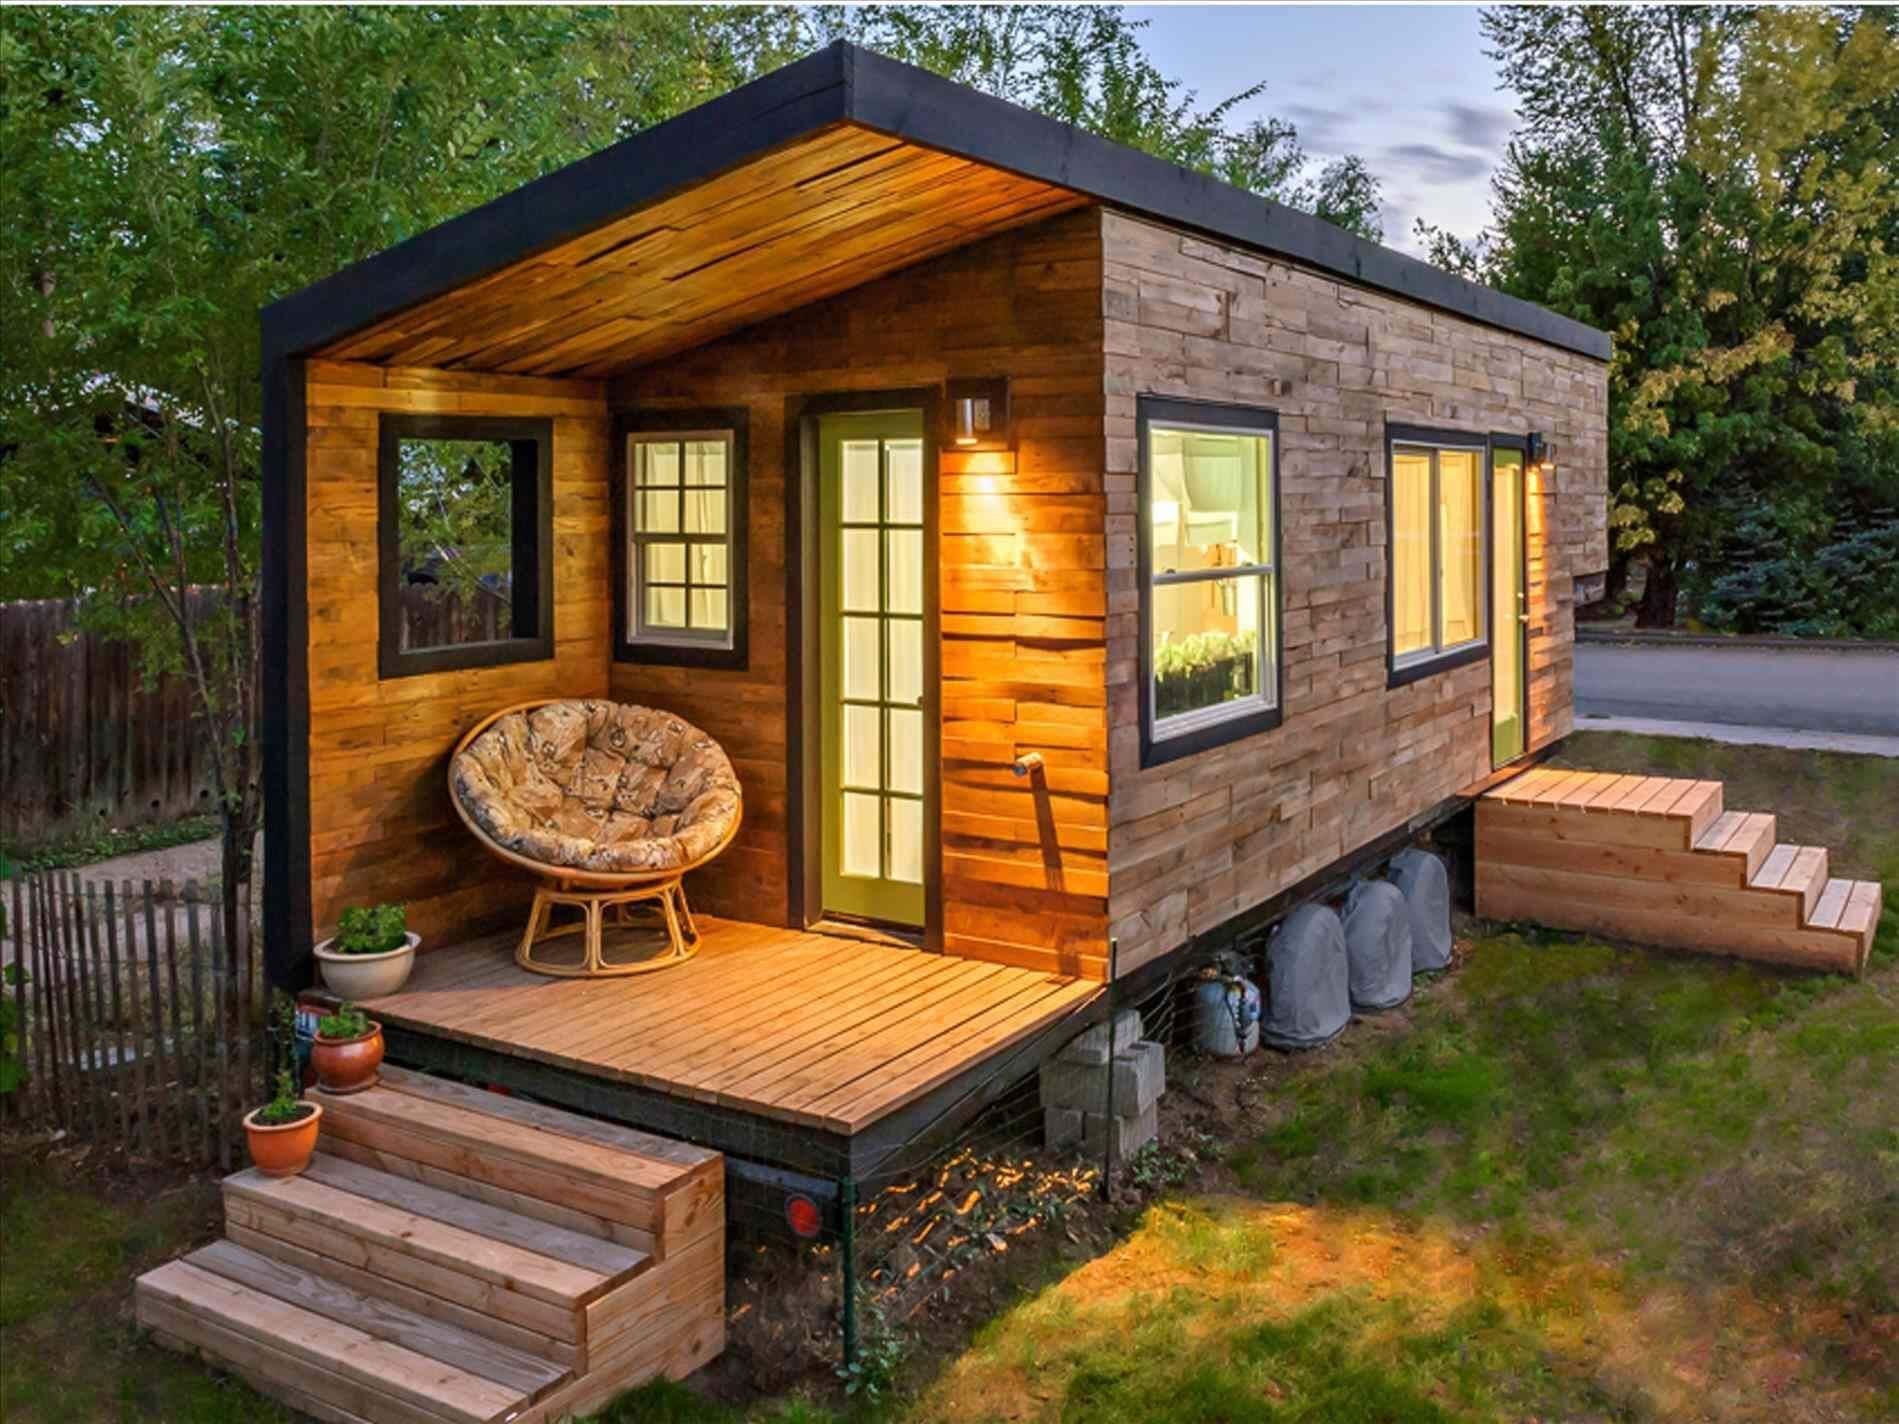 Проекты дачных домов своими руками - пошаговые инструкции по строительству!